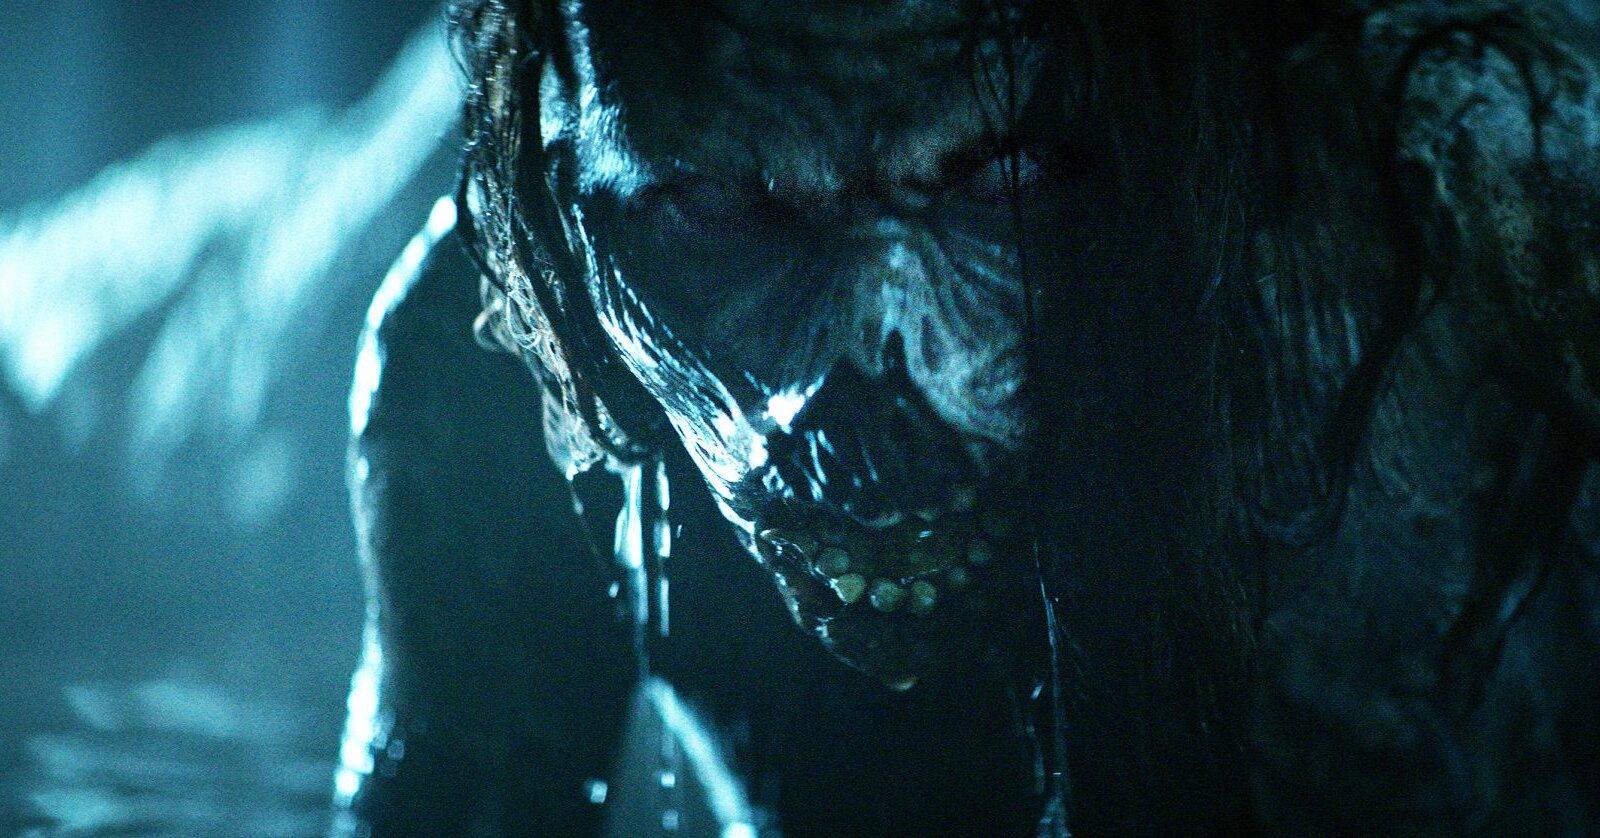 How low-budget horror movie <em>The Wretched</em> became America's No. 1 film